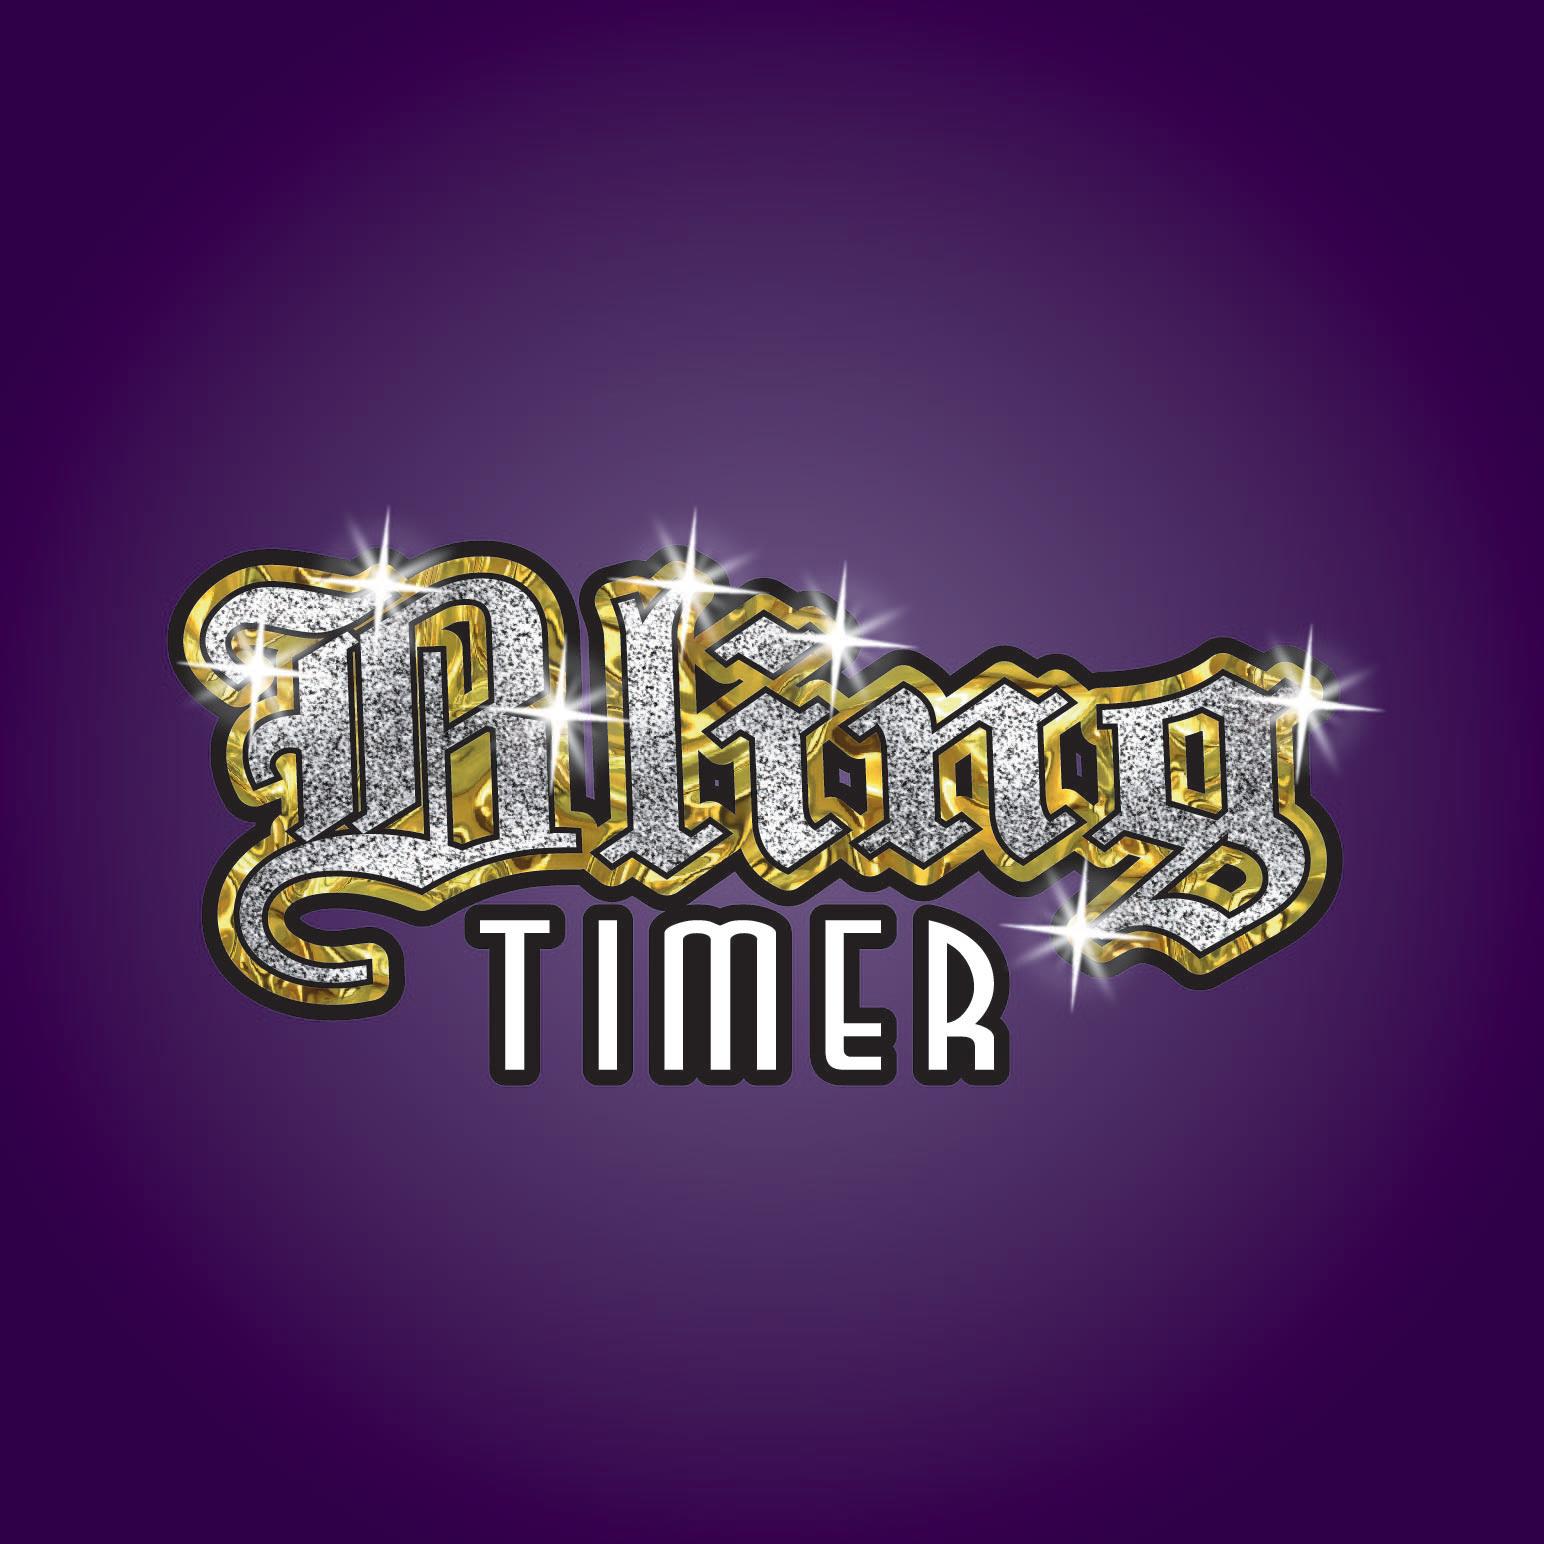 Bling Timer logo